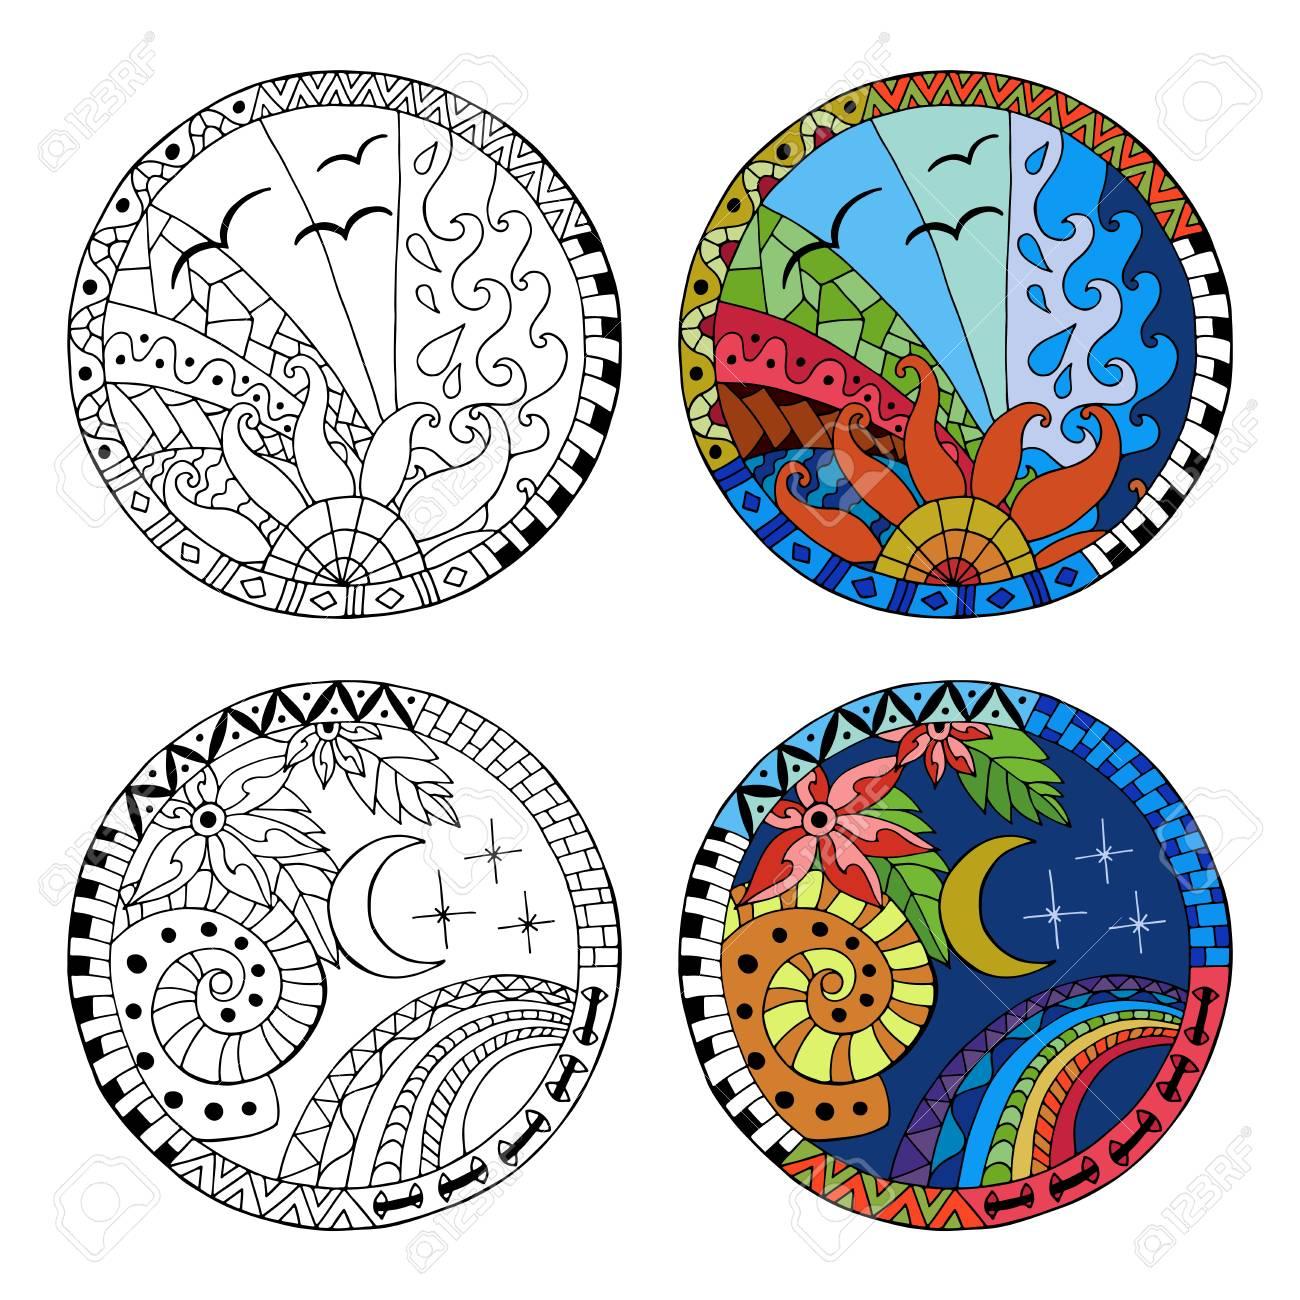 Dibujado A Mano El Día Y Los Mandalas Del Círculo De La Noche Para El Estrés Anti Estrés Colorear Elemento Para Colorear Hecho Por El Patrón De